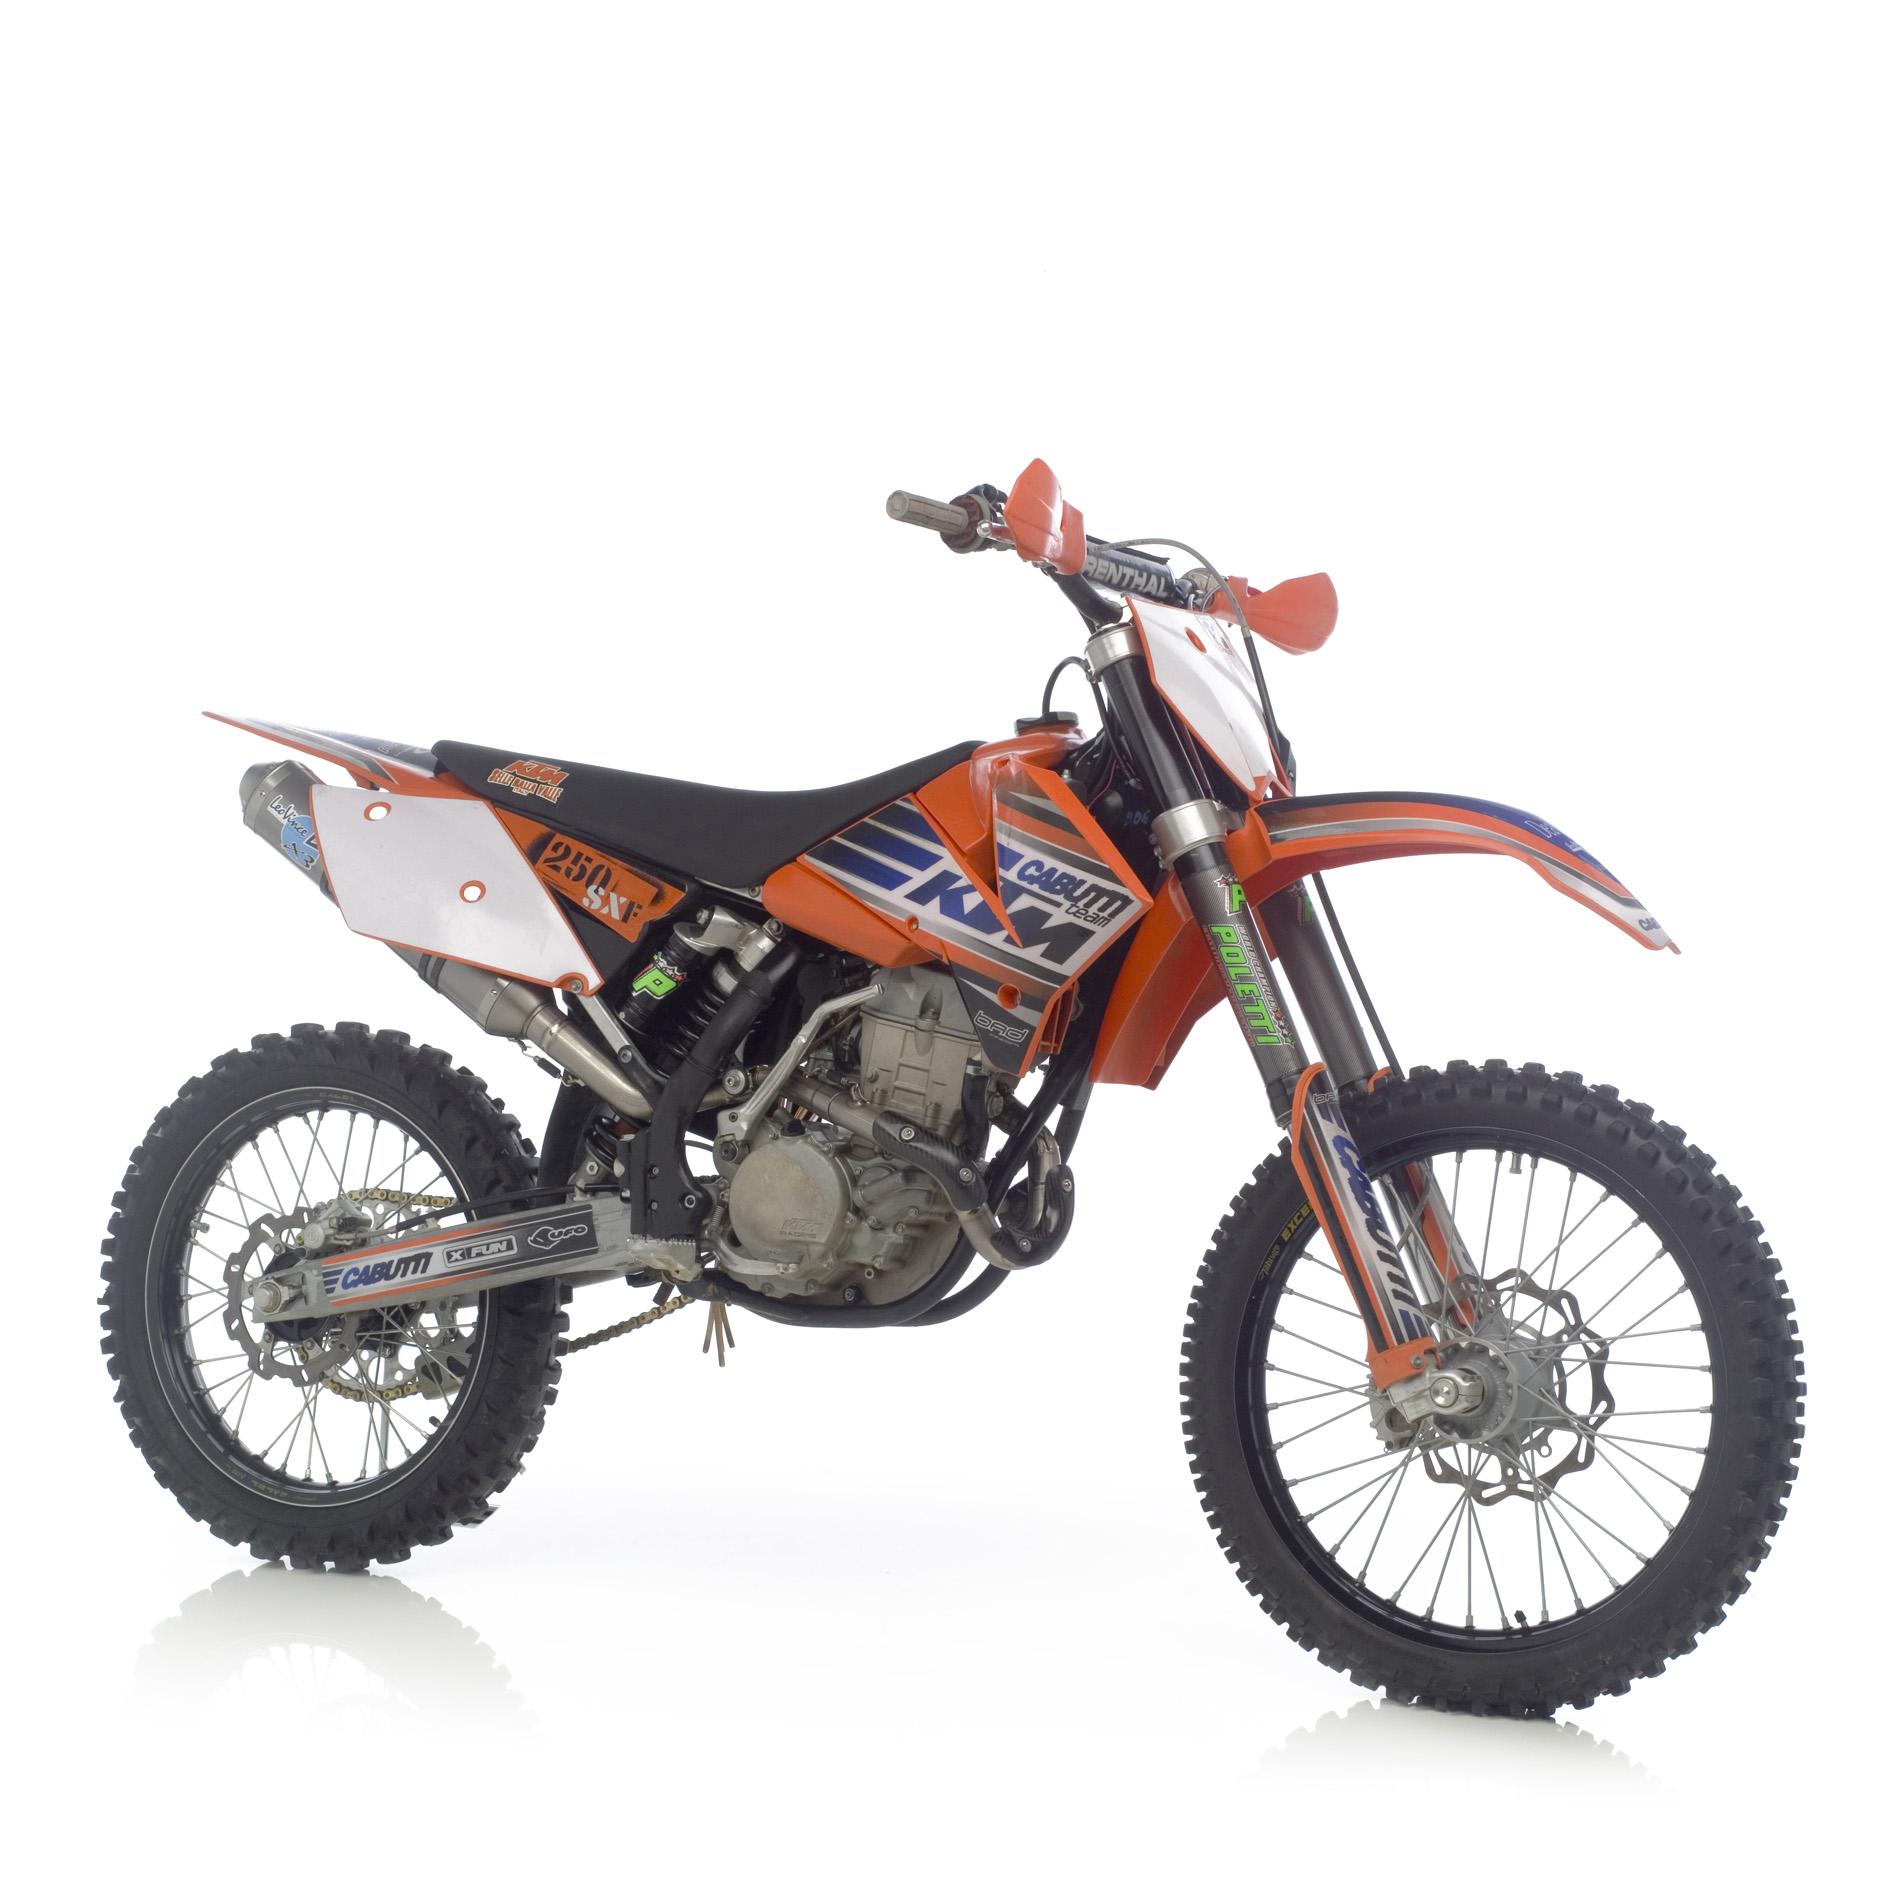 Echappement moto cross ktm 250 sx 06 leovince 2 s papel - Image de moto cross ktm ...